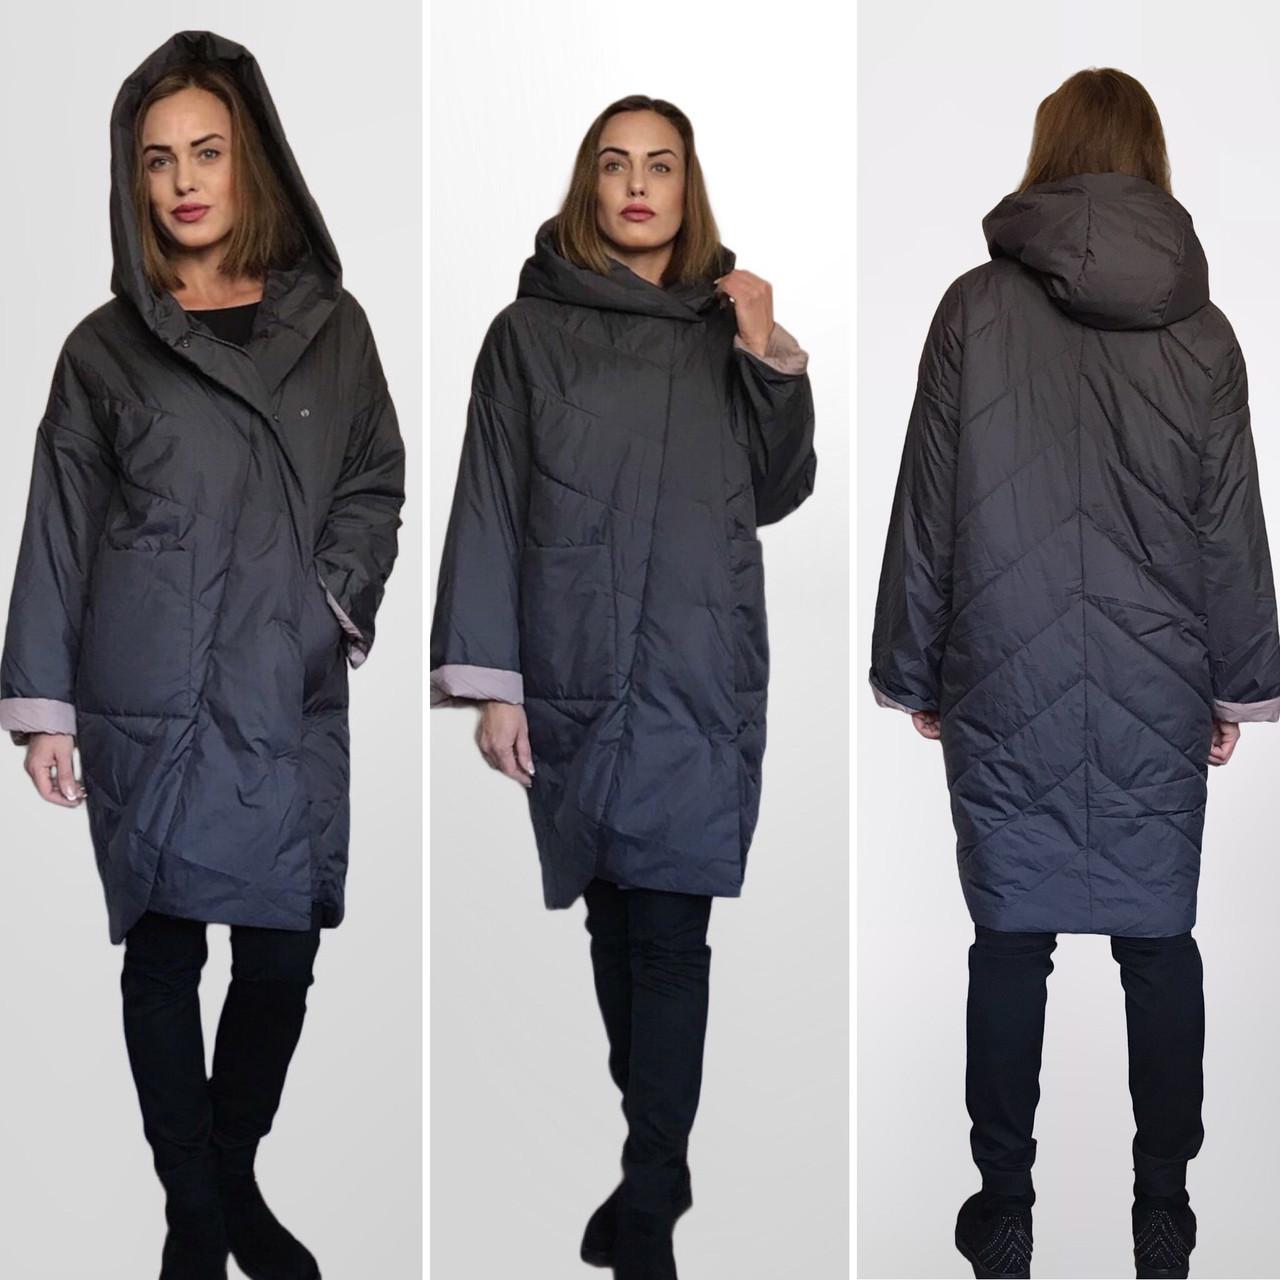 ТРЕНД - Дизайнерское Фабричное Пальто-плащ TONGCOI. Гарантия высокого качества и стиля!